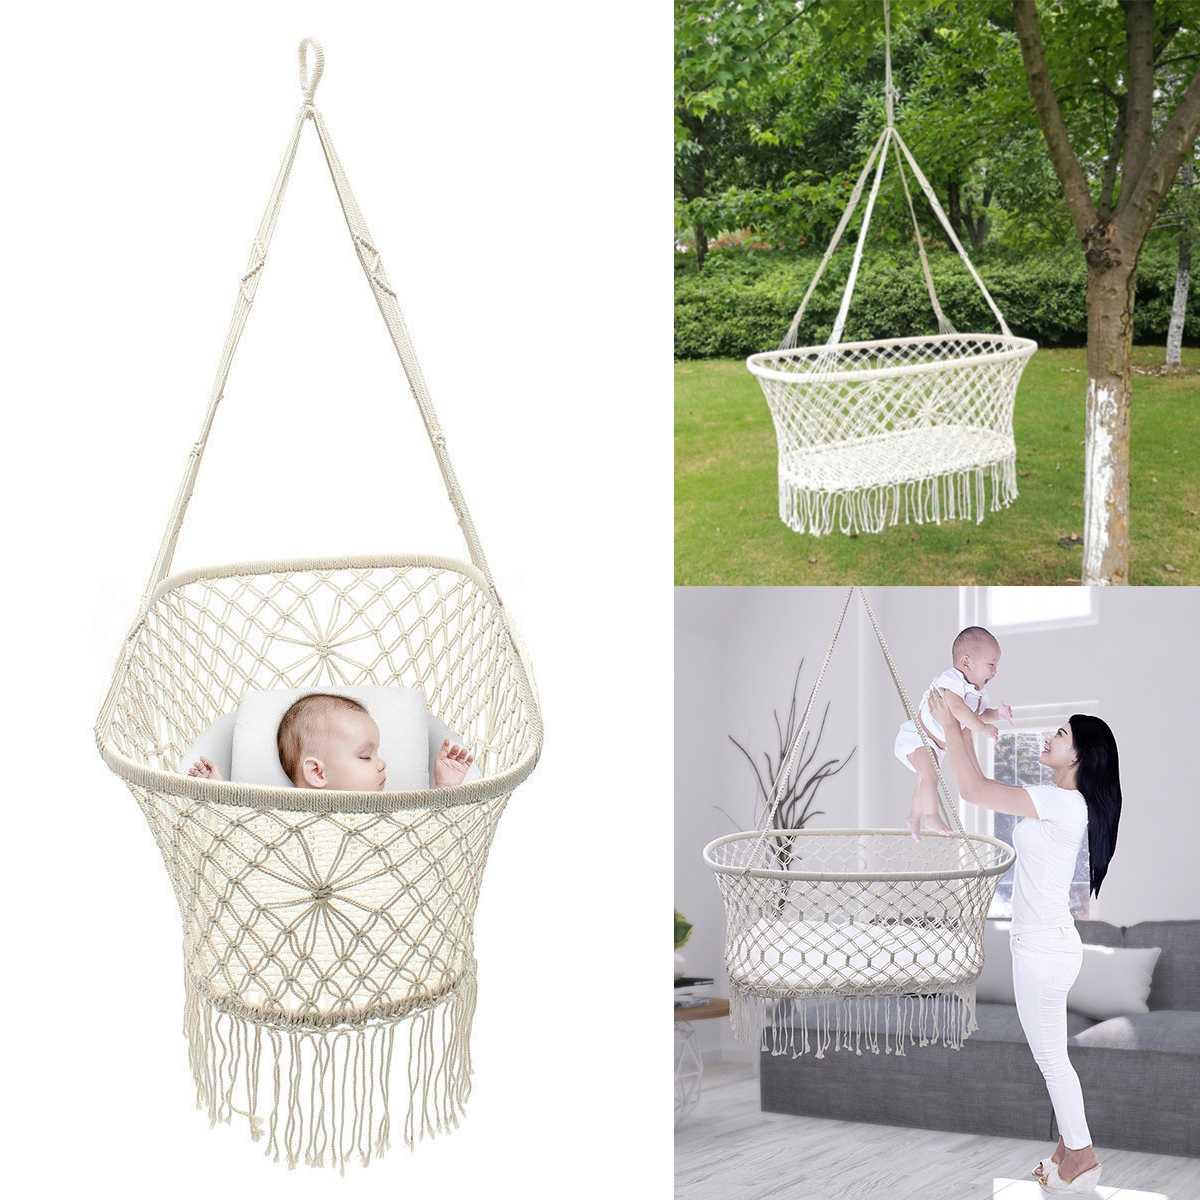 Weiß Baumwolle Baby Garten Hängen Hängematte Baby Krippen Baumwolle Gewebt Seil Schaukel Terrasse Stuhl Sitz Bettwäsche Baby Pflege 90*45*35cm